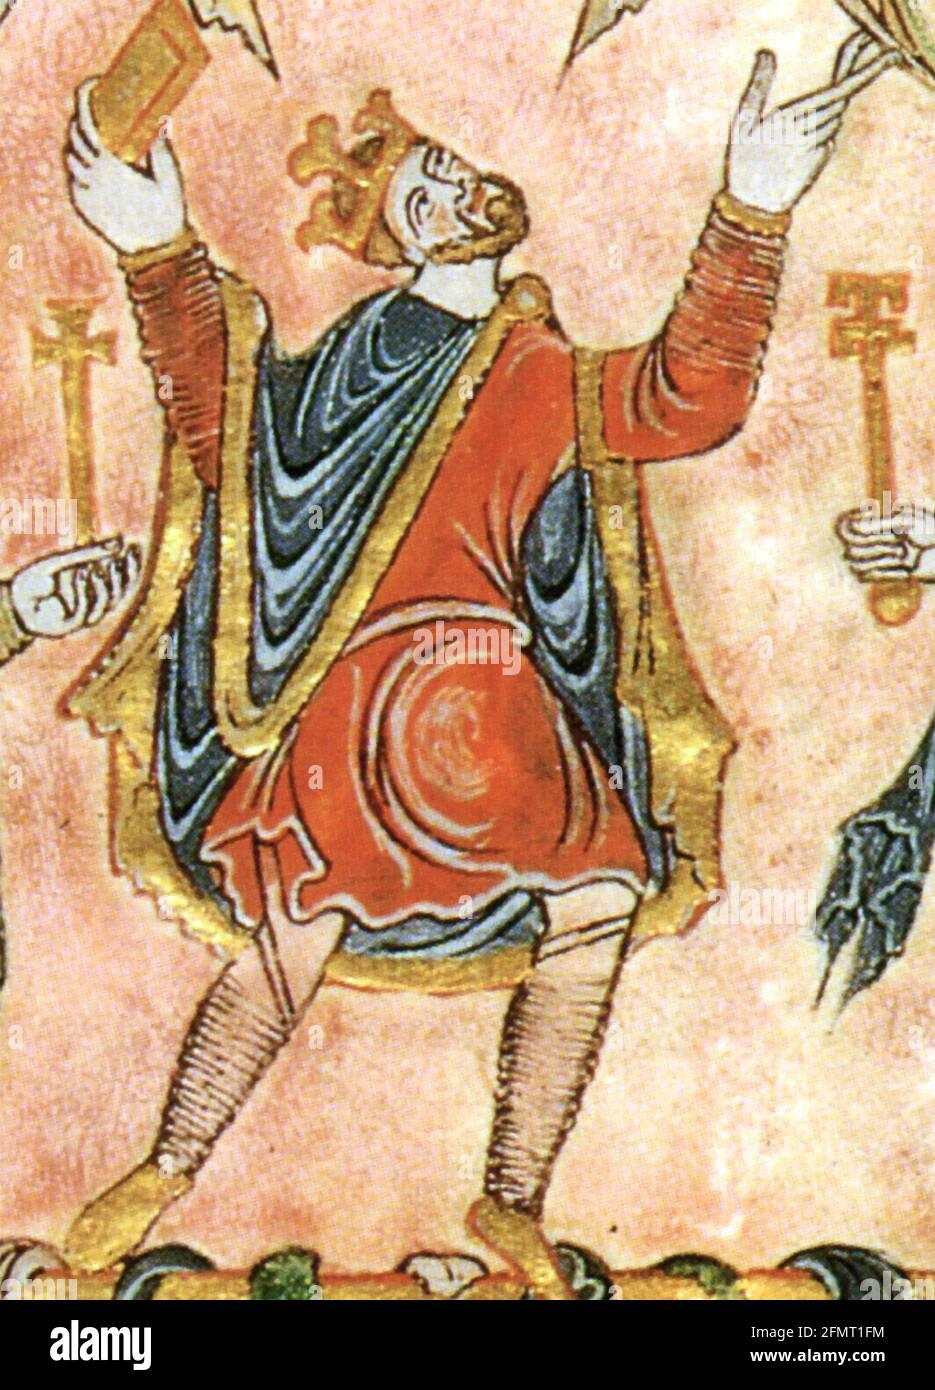 ROI EDGAR LE PAISIBLE (C 943-975) Roi d'Angleterre, comme illustré dans la charte New Minster dans 966 Banque D'Images